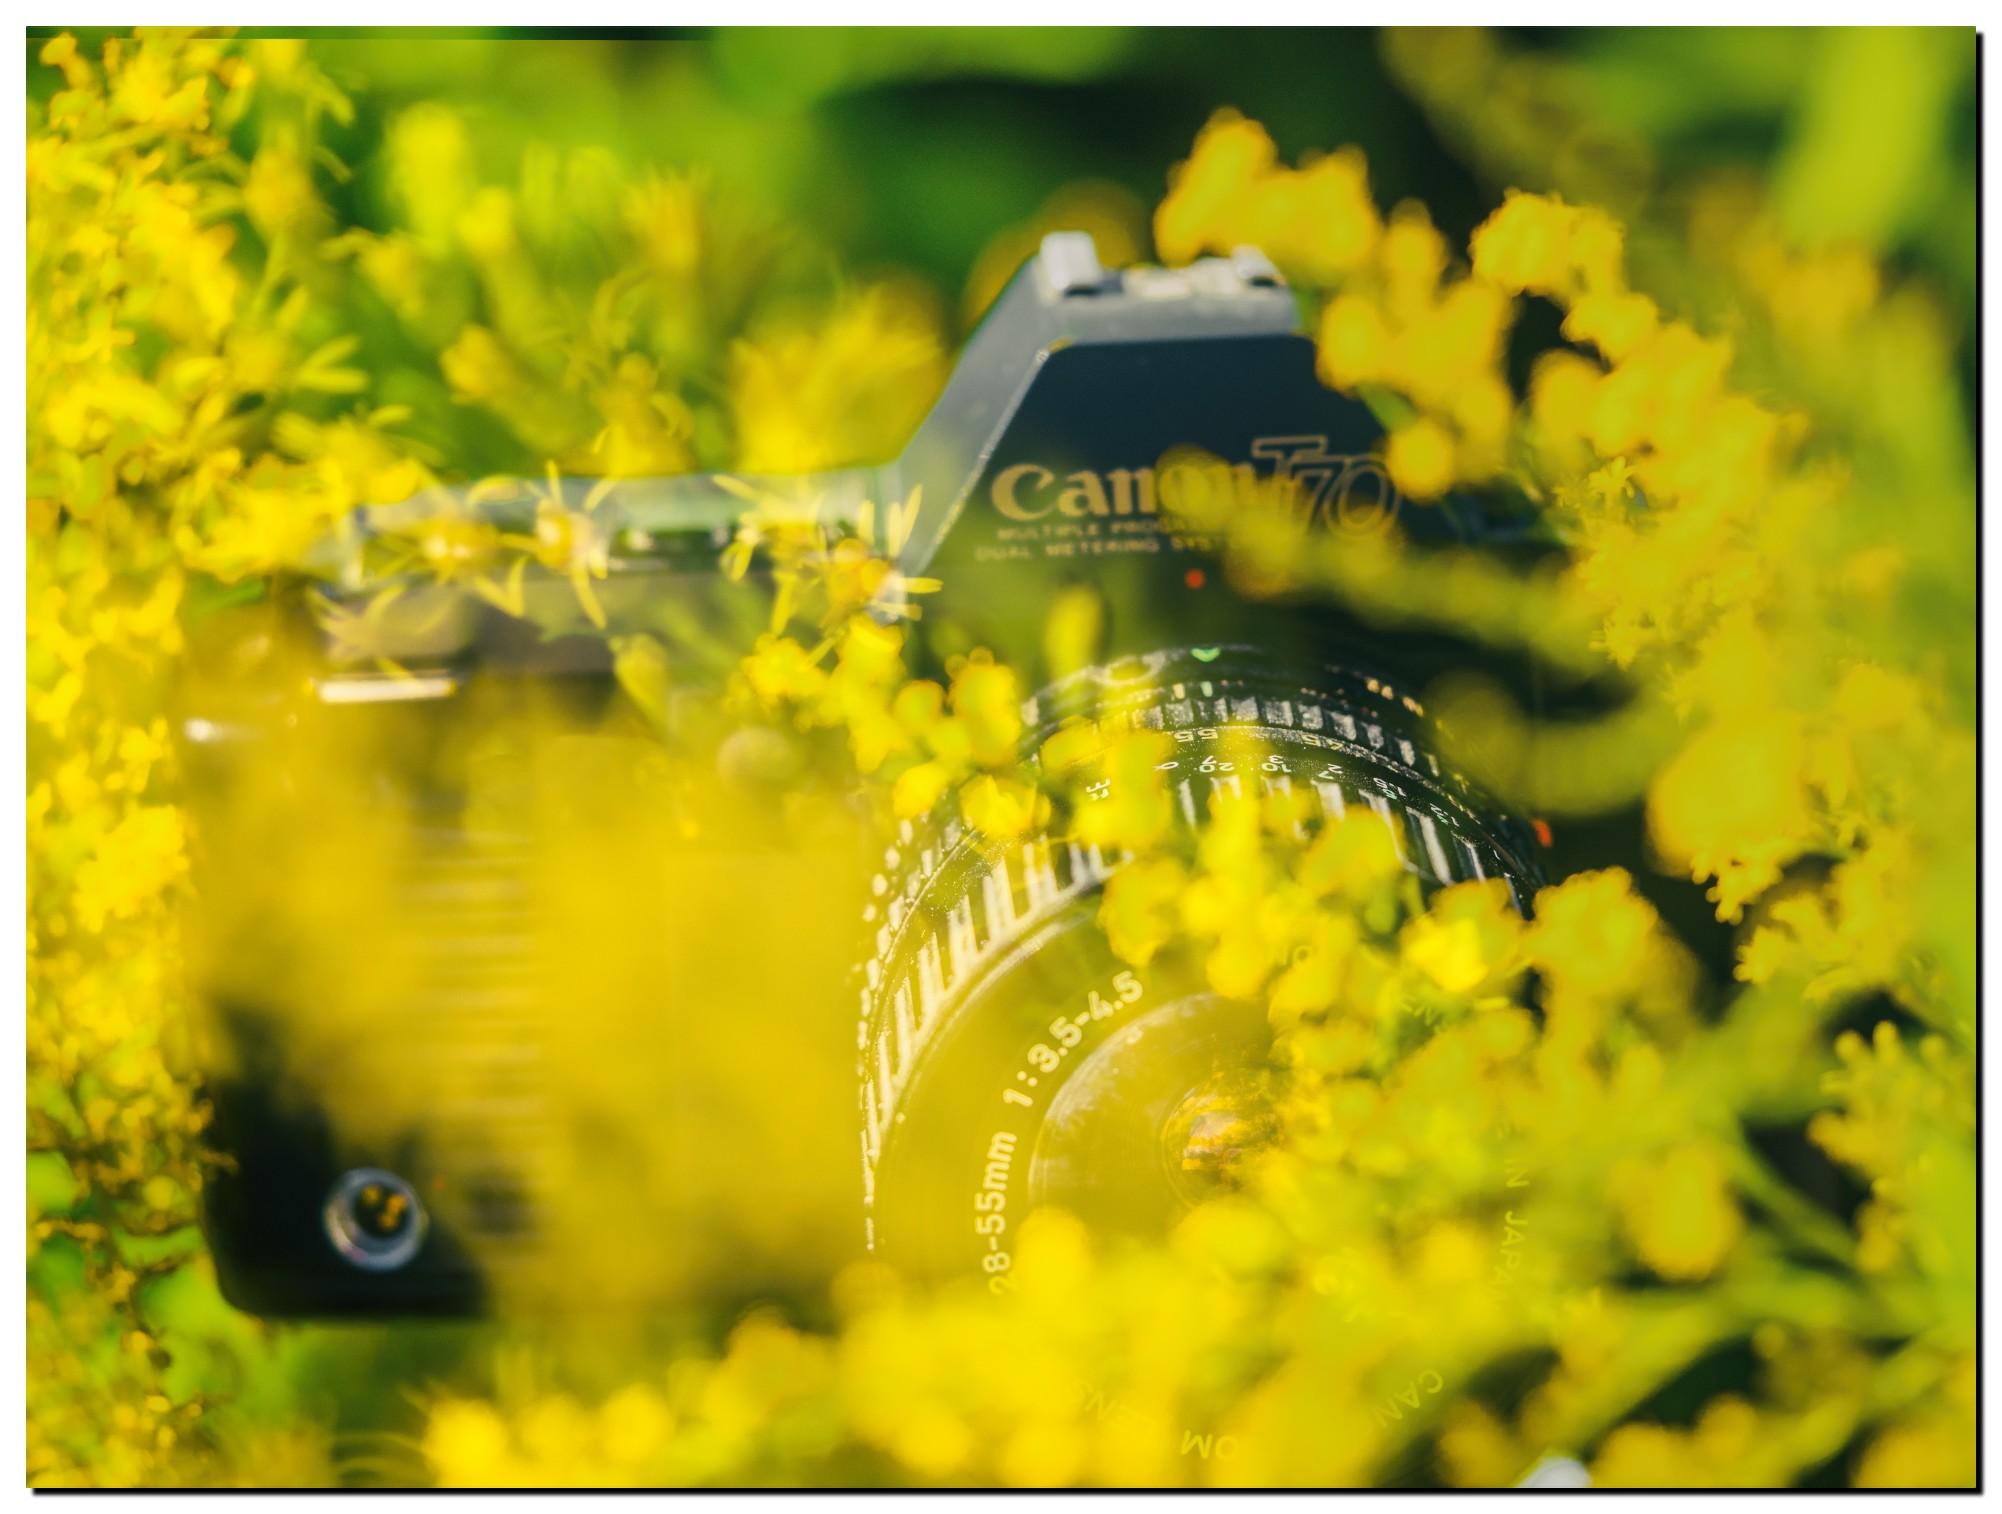 LR-PF229080-Edit-3.jpg